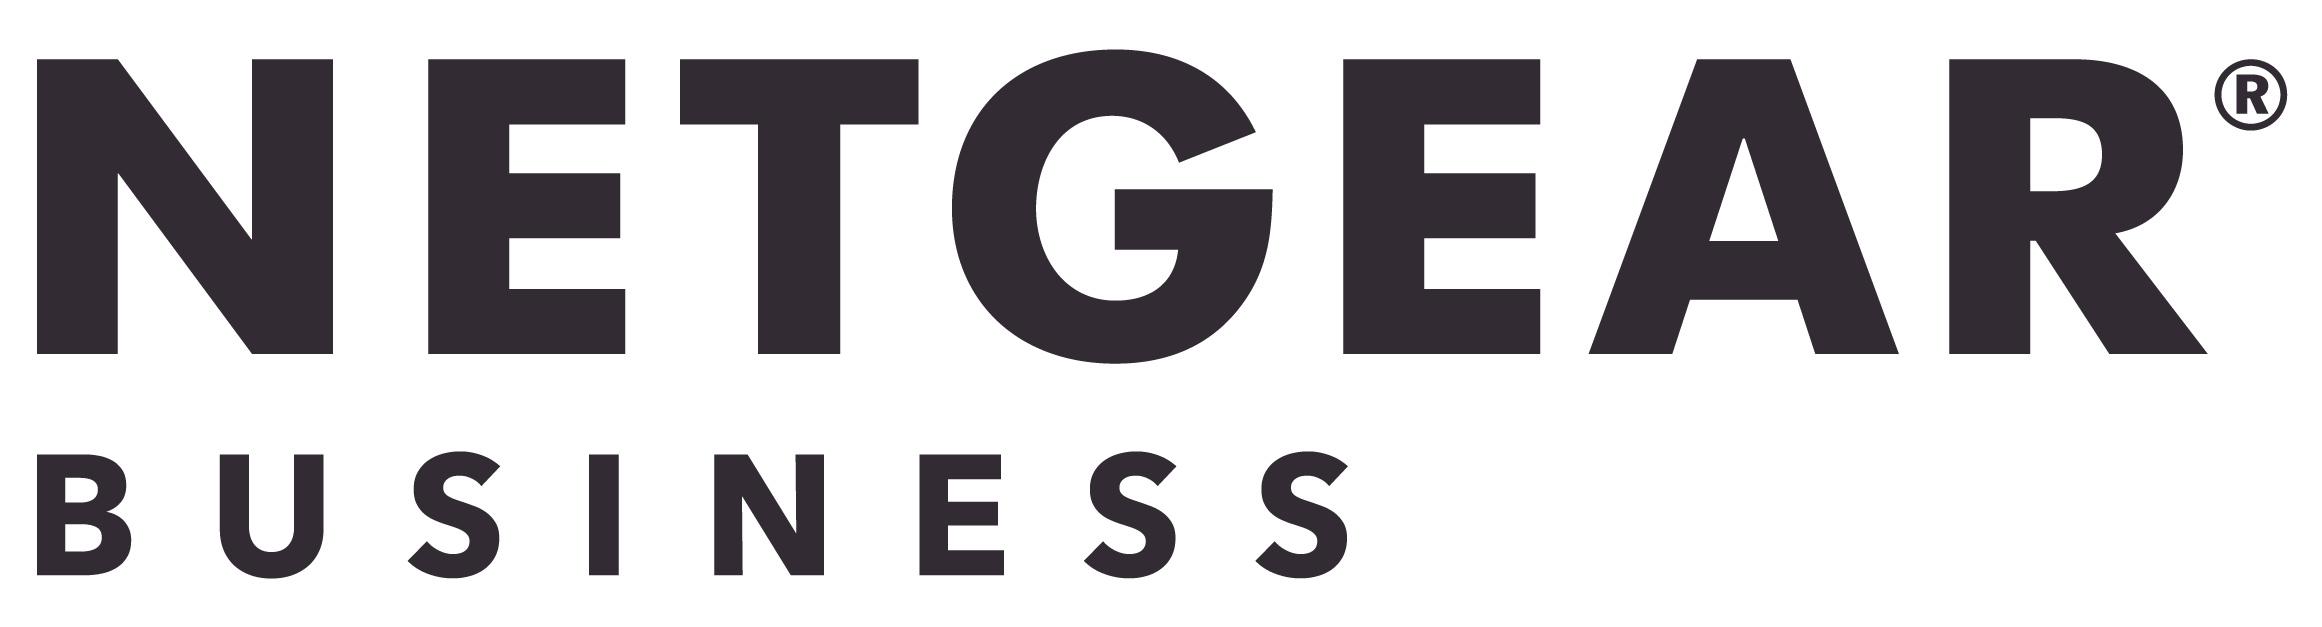 Ein frohes Neues! NETGEAR® präsentiert die drei wichtigsten Netzwerk-Trends für das Jahr 2019